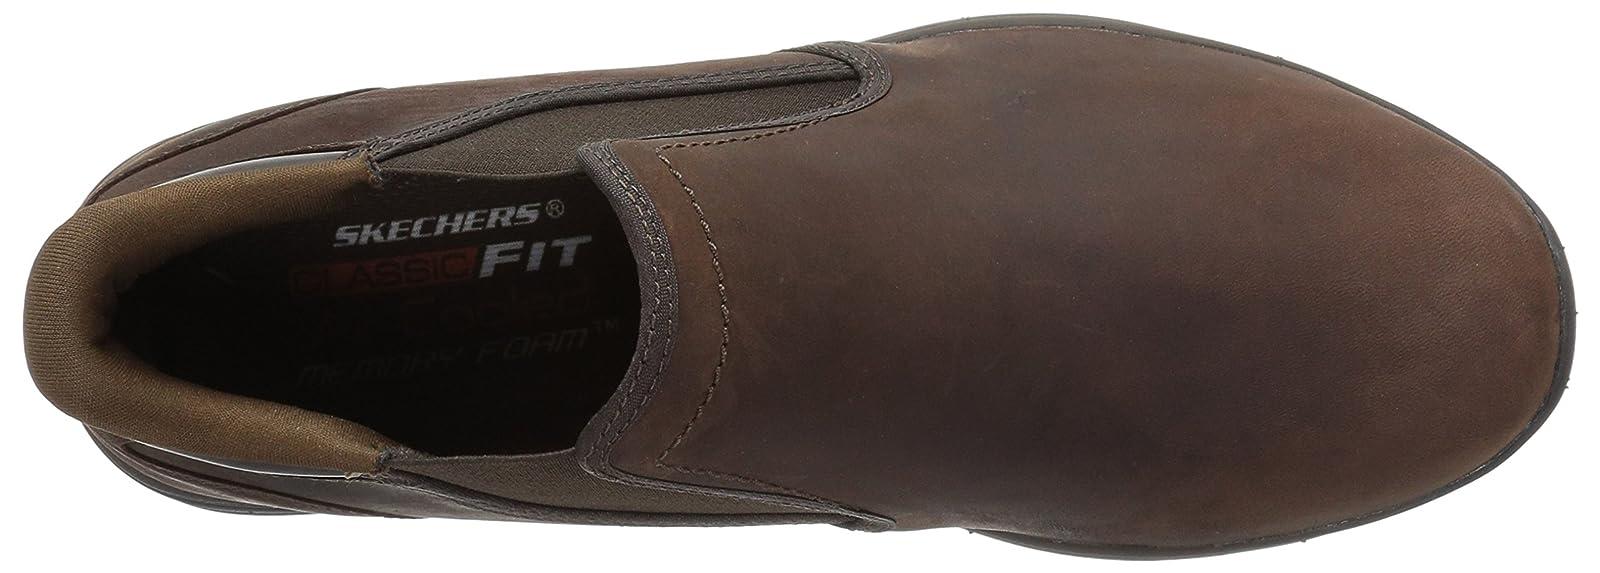 Skechers Men's Garton Keven Ankle Bootie 8 M US - 8